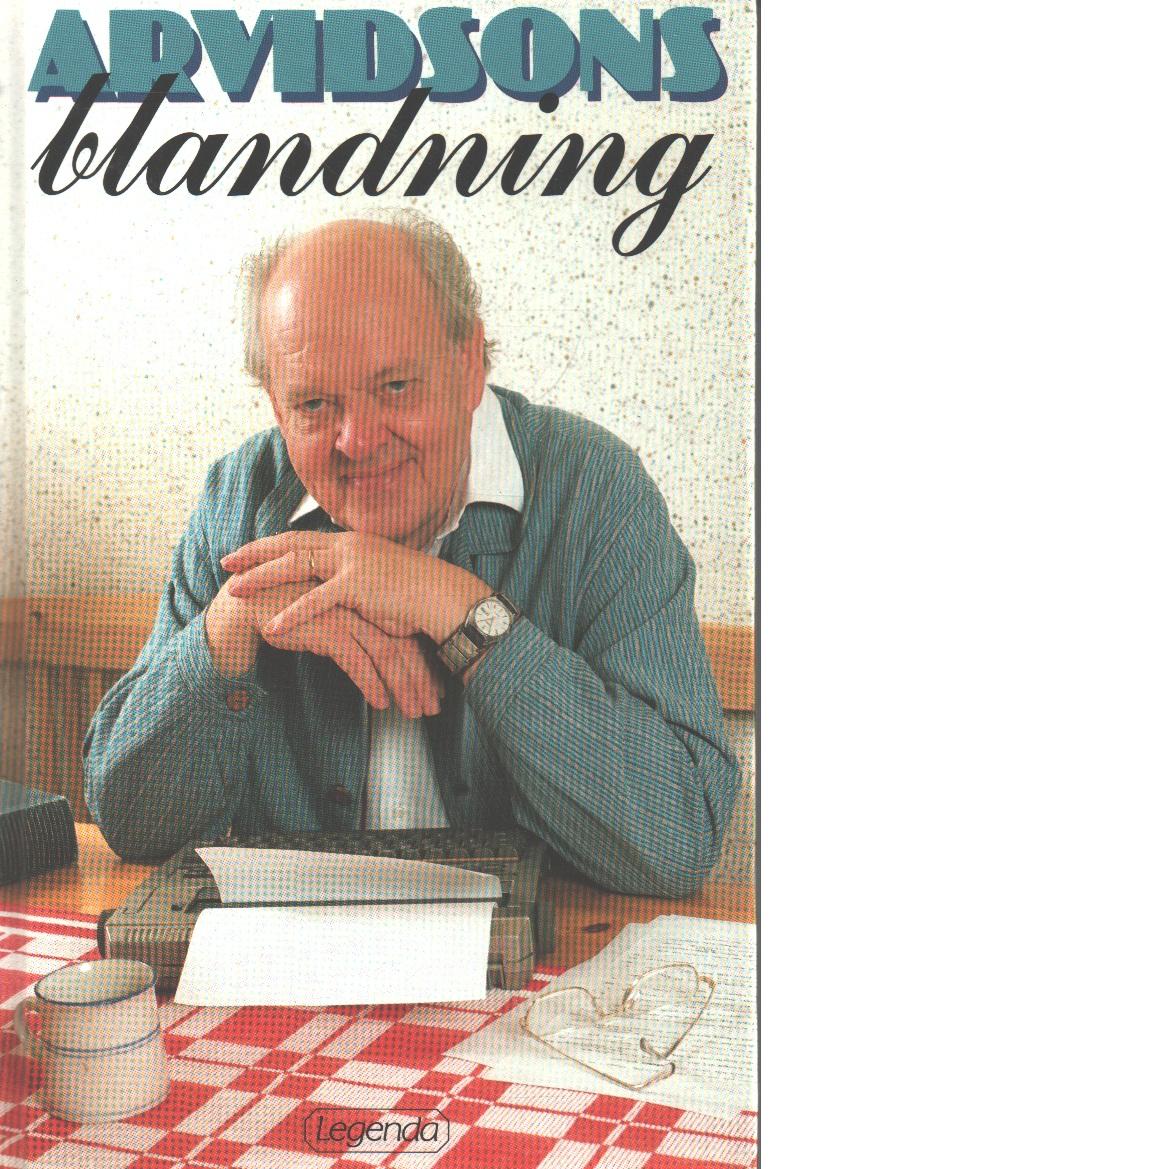 Arvidsons blandning - Arvidson, Gunnar